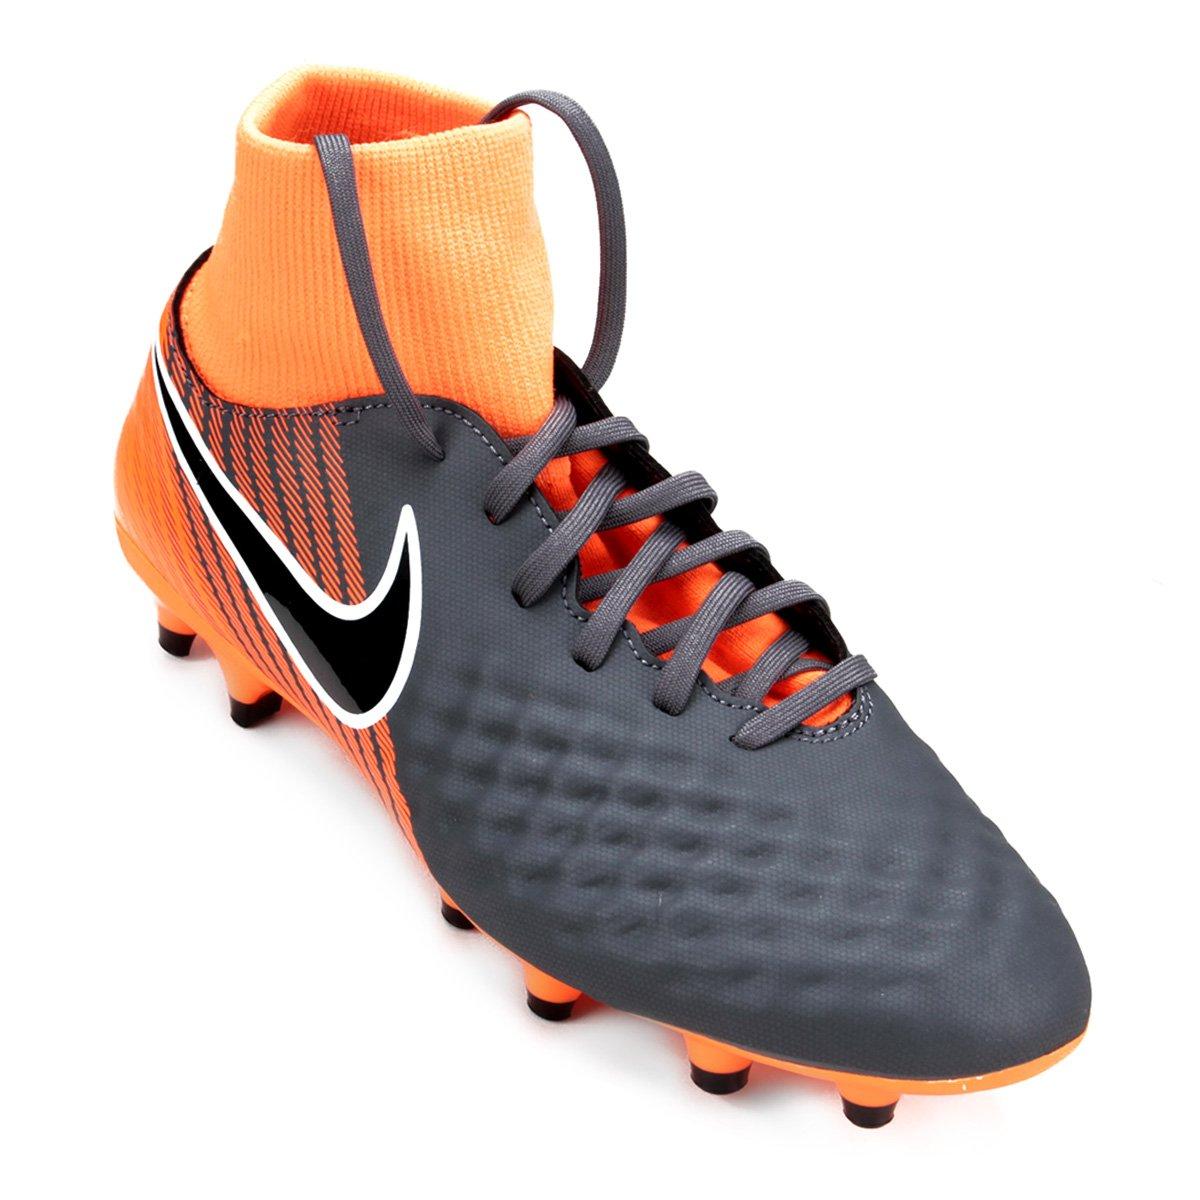 Chuteira Campo Nike Magista Obra 2 Academy DF FG - Cinza e Preto ... 58e96e972a9b8